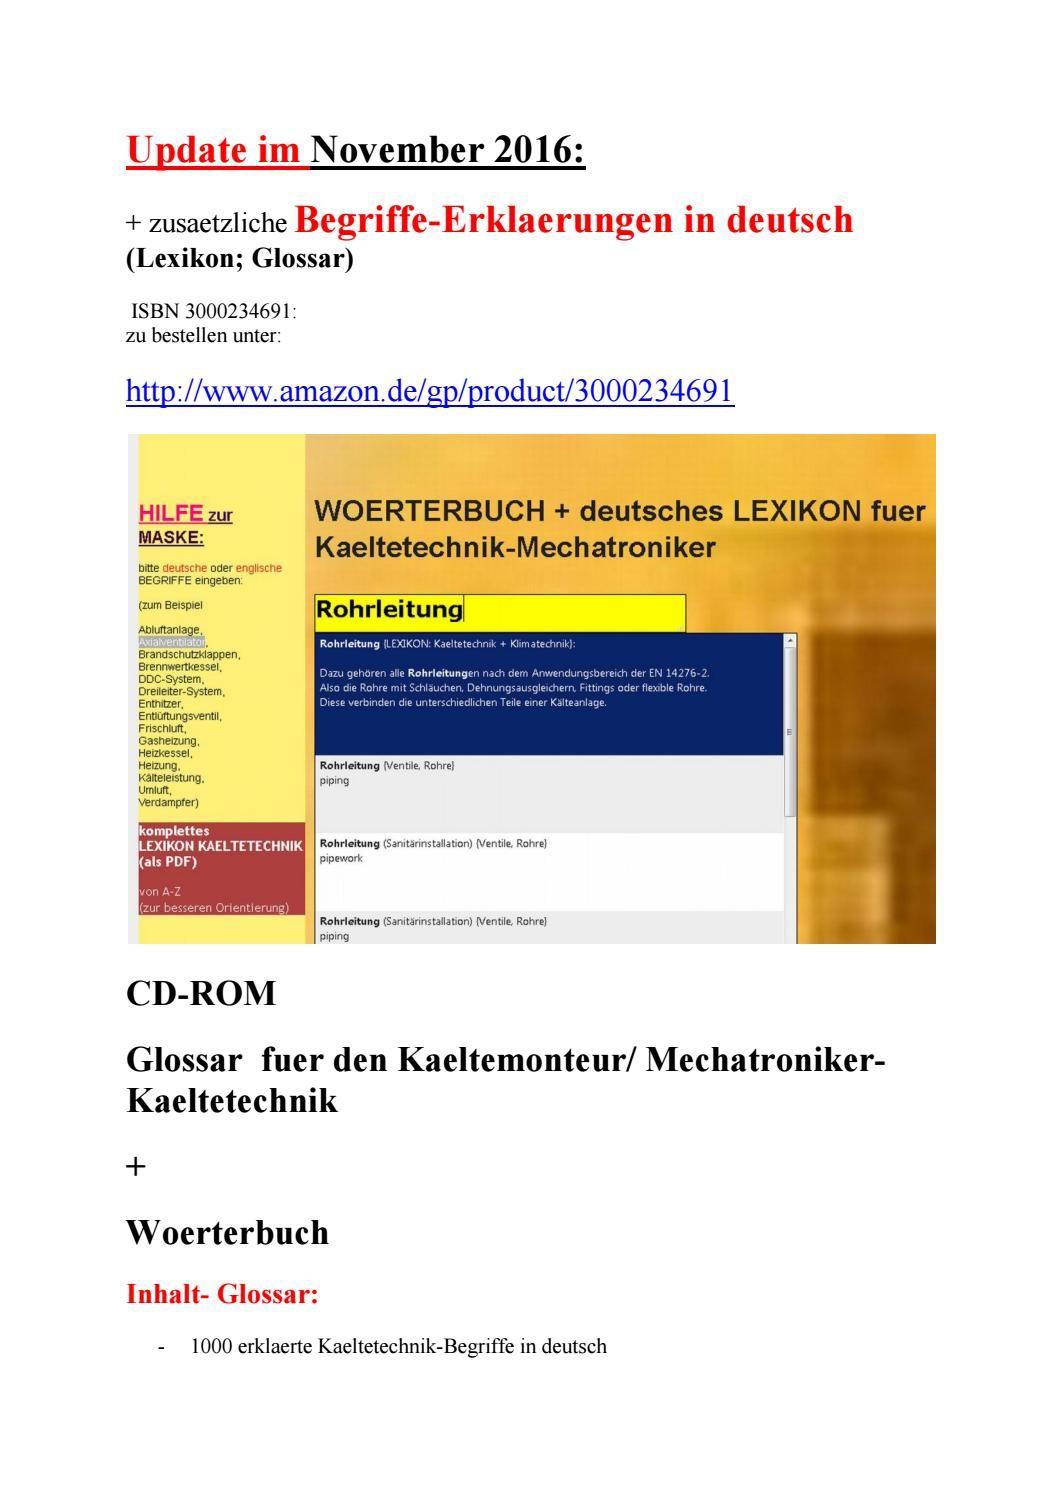 Pin On Woerterbuch Kaeltetechnik